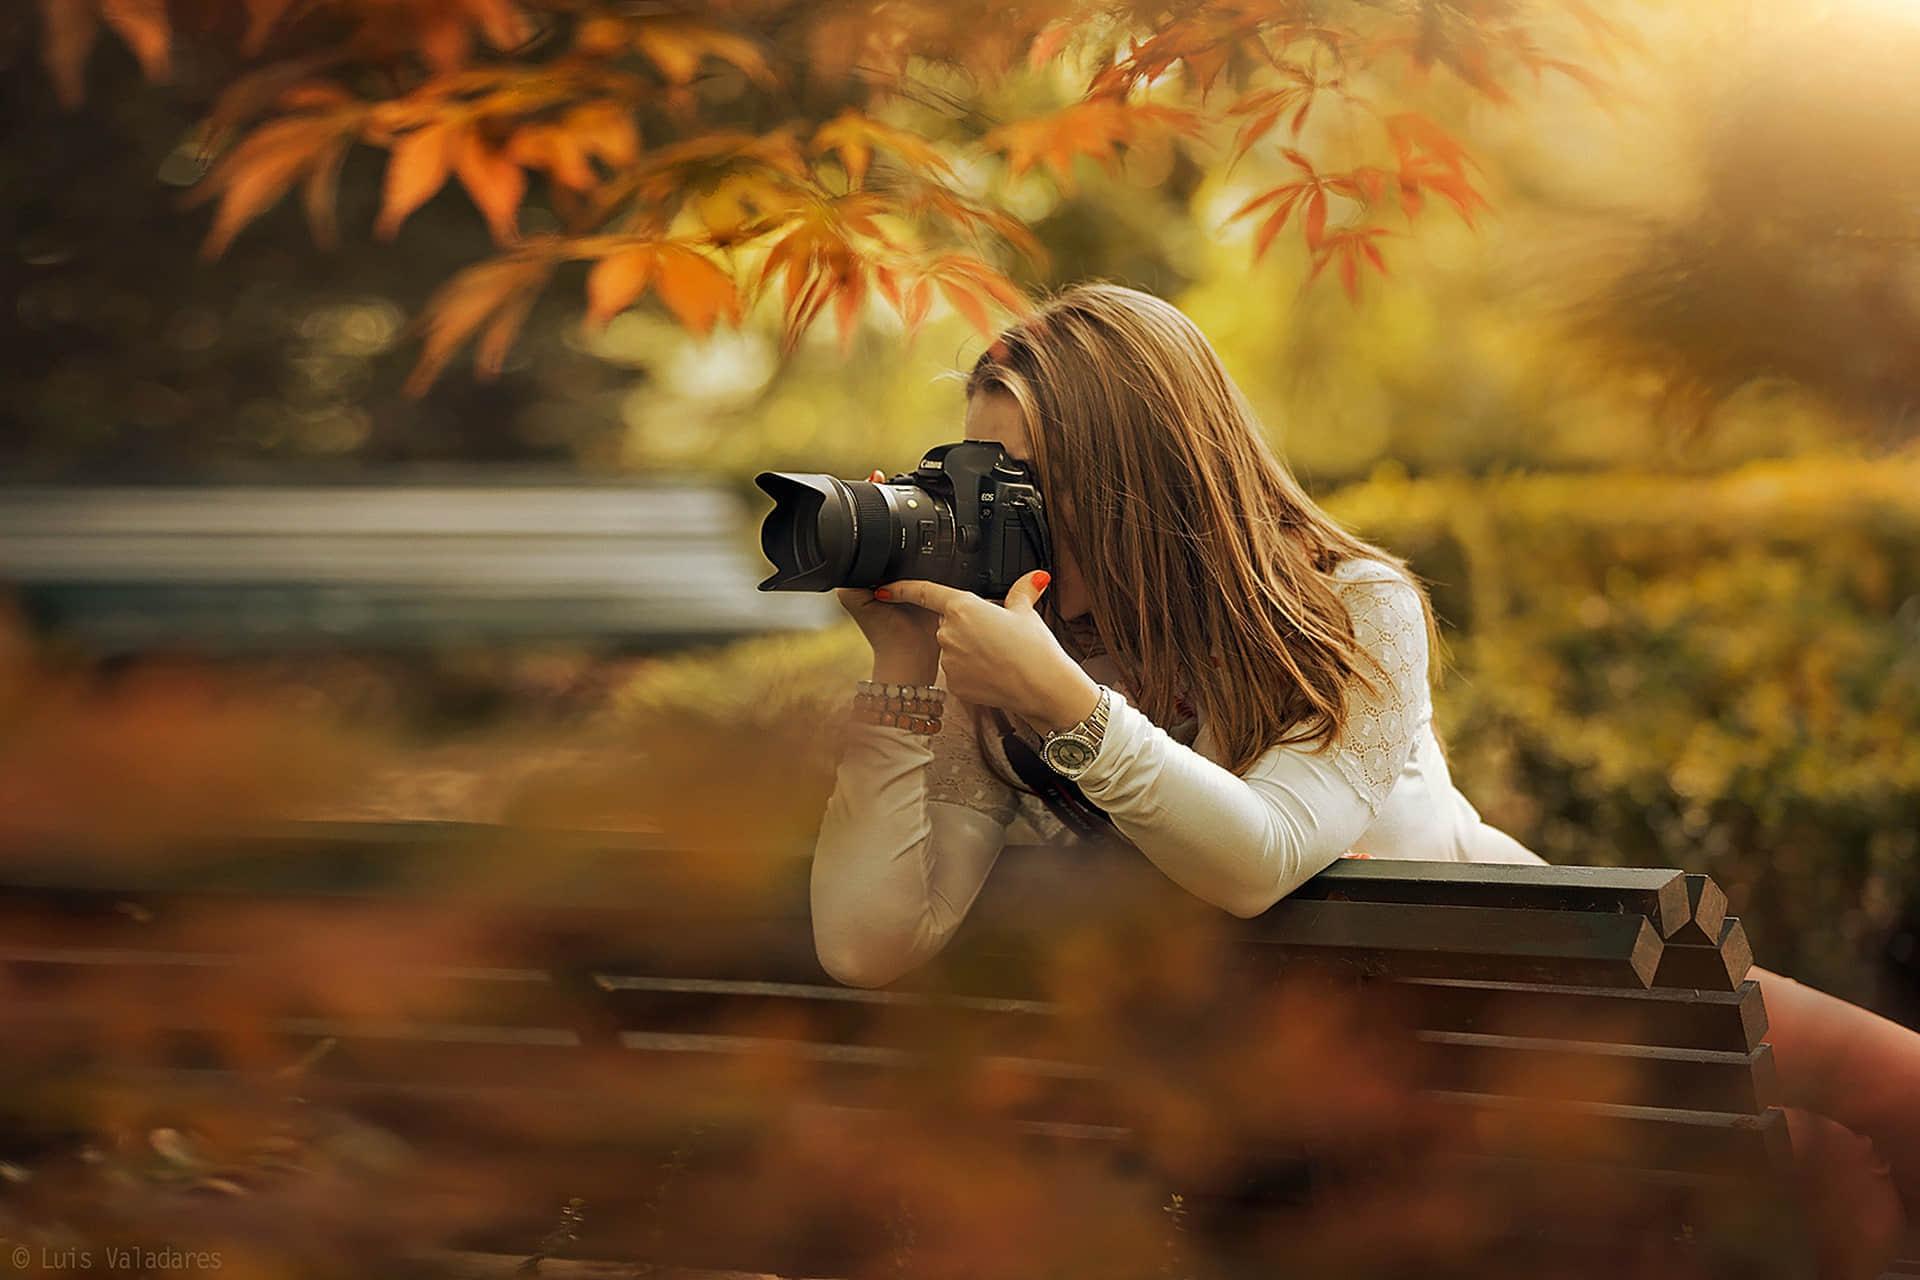 秋天的公园,树枝,女孩,长凳,相机,摄影,图片_彼岸图网